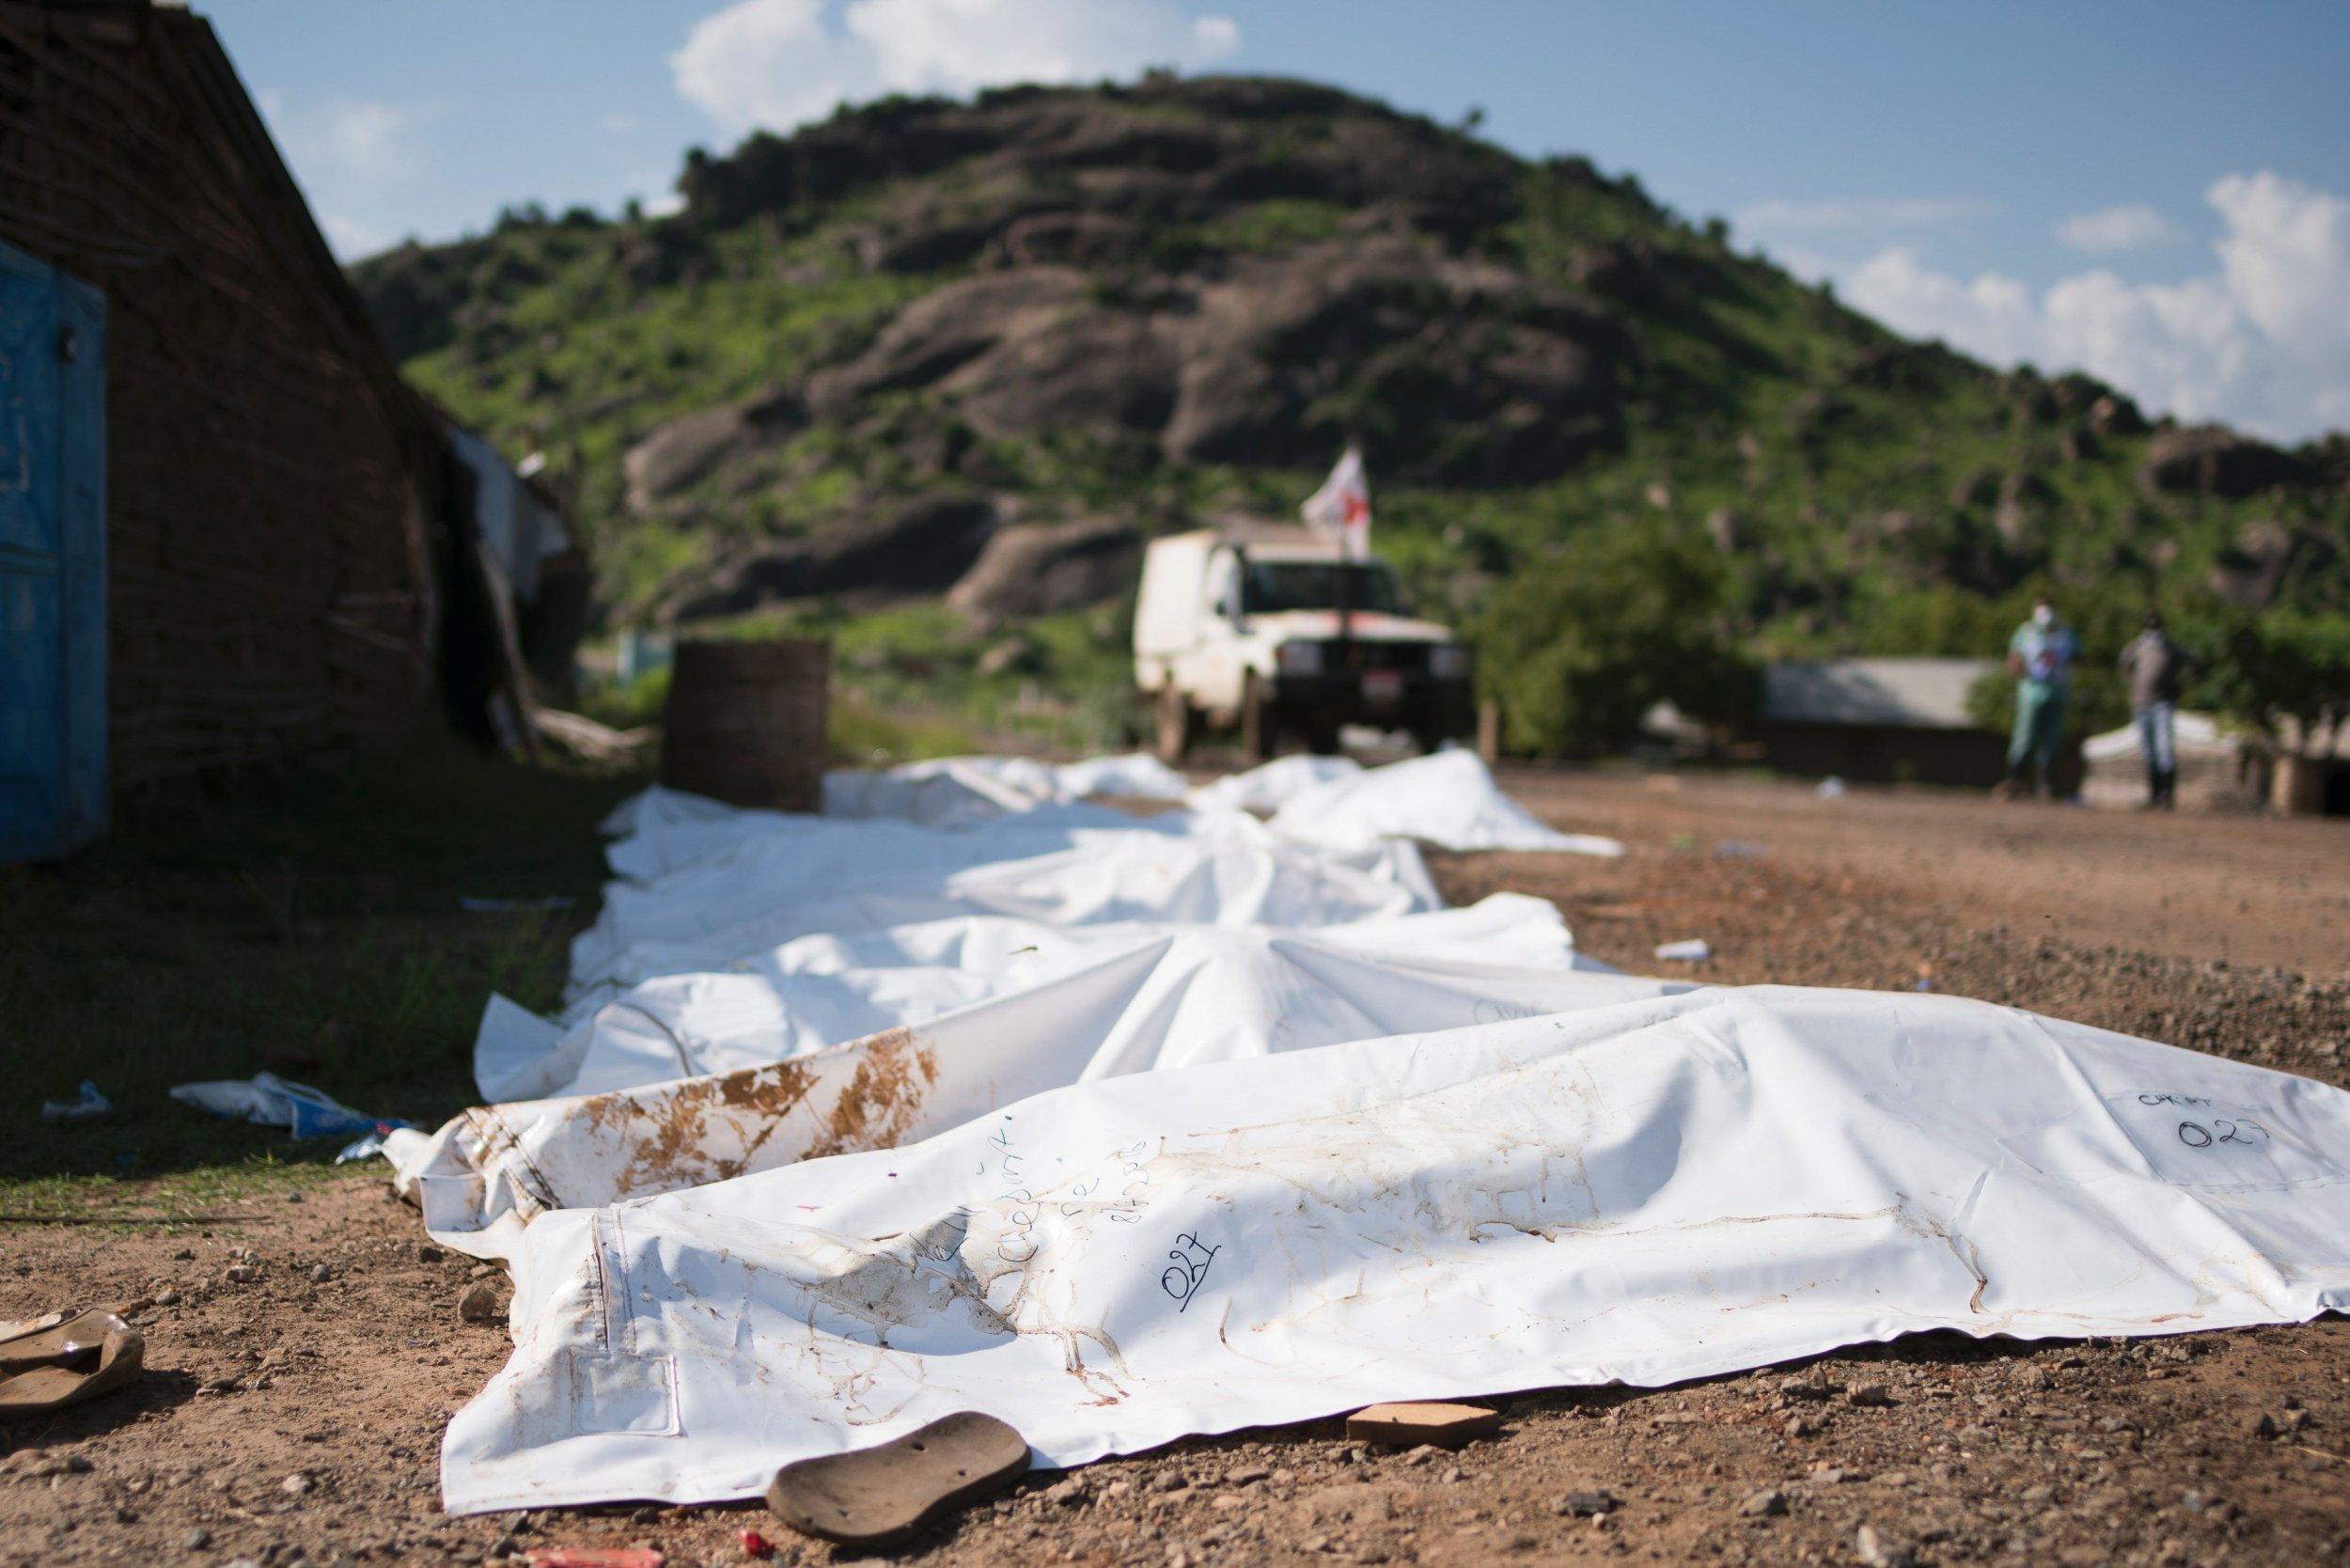 Bodybags in Juba